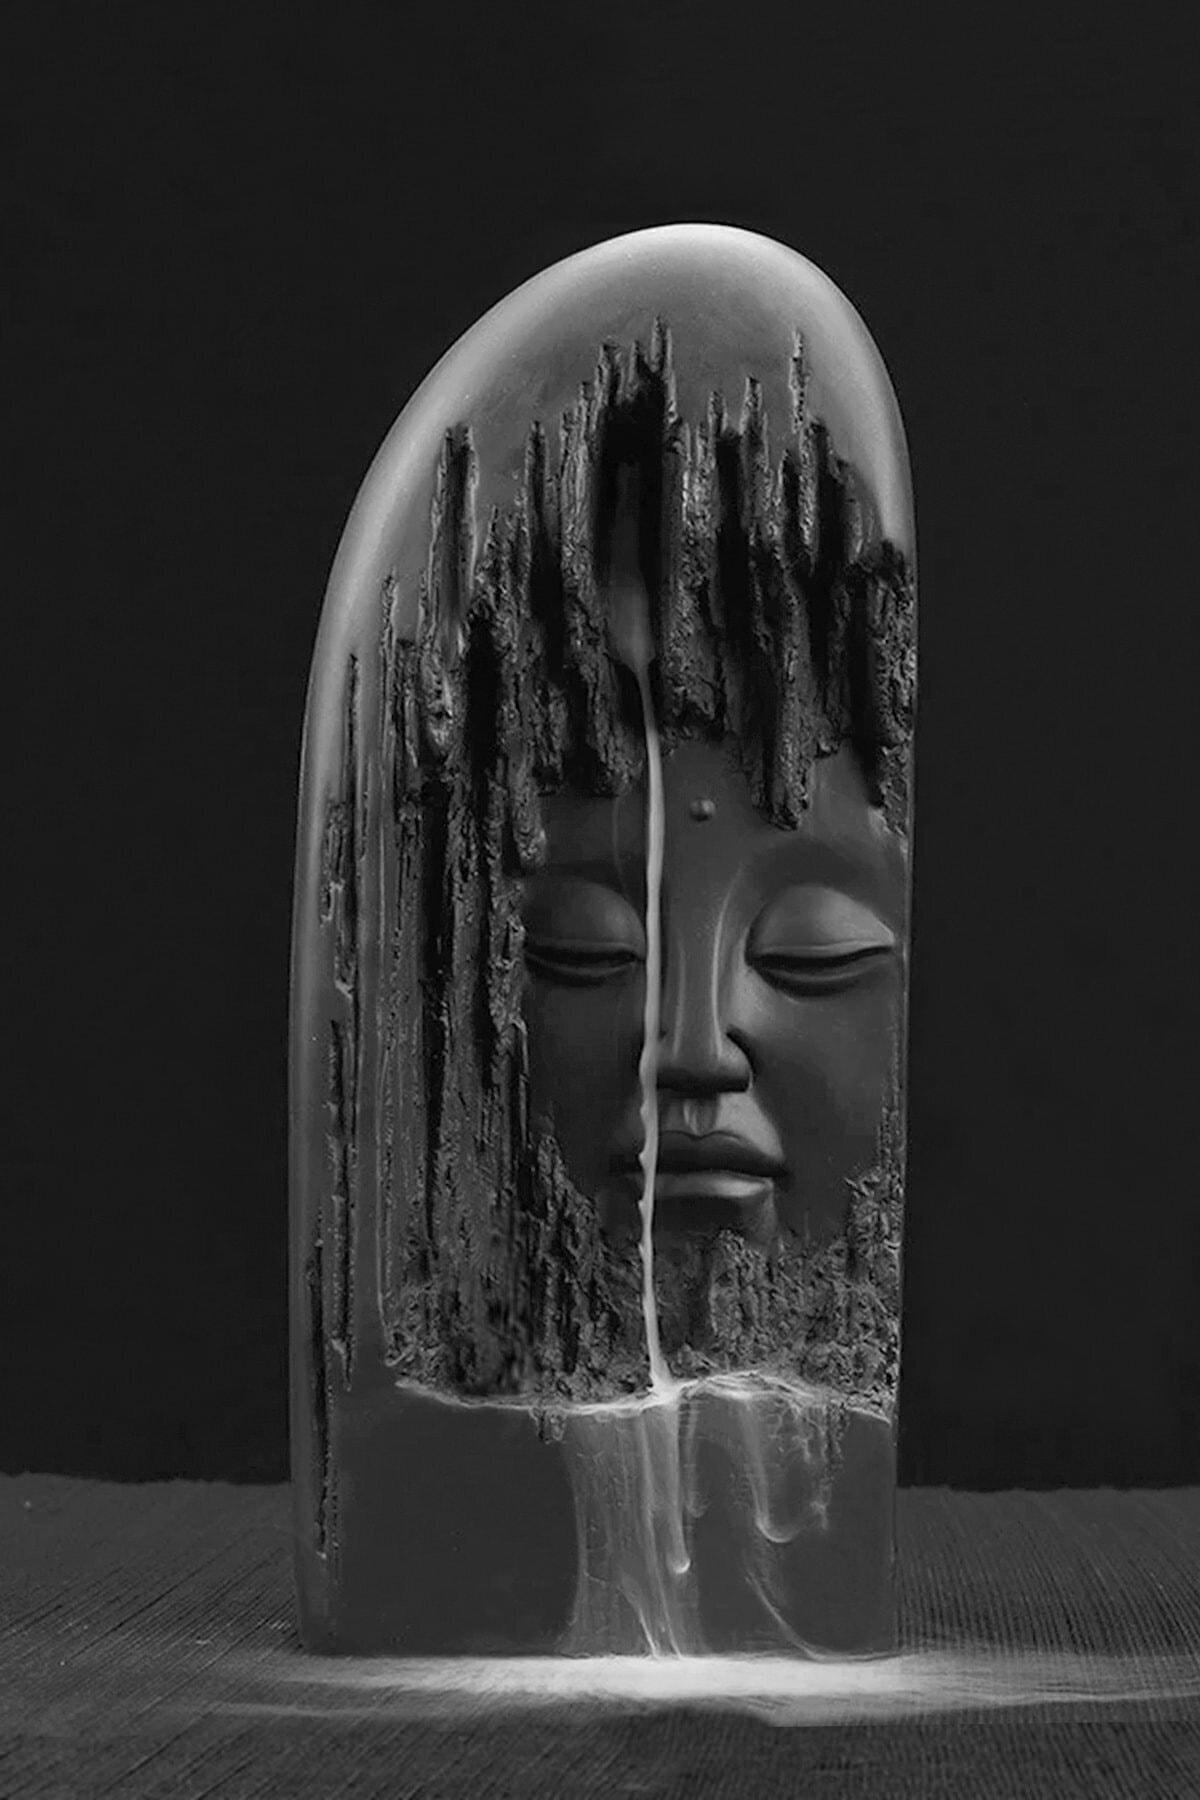 Buda Tütsülük Dekoratif Brülör Ortam Kokusu